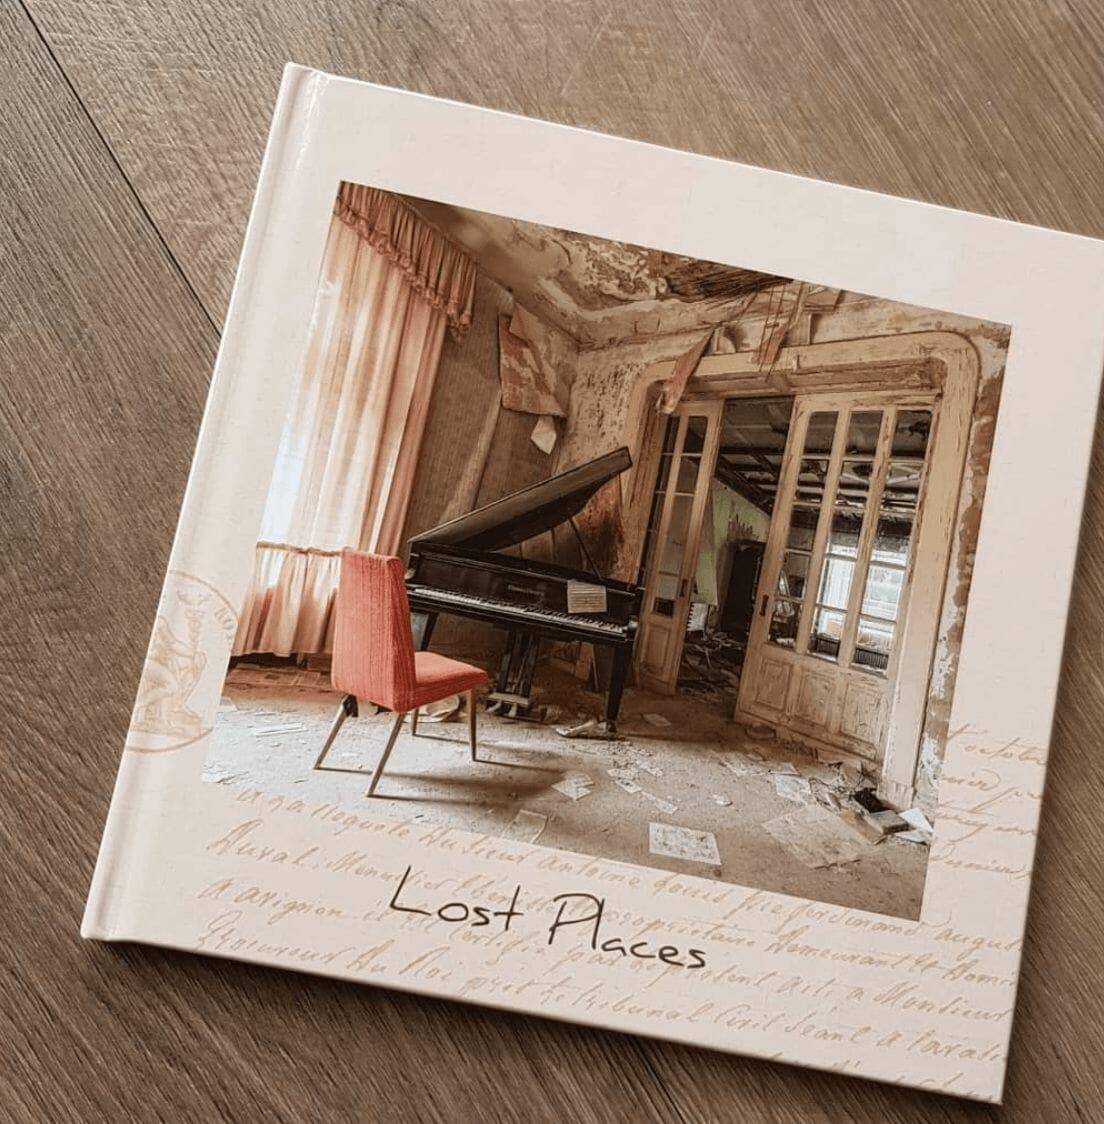 Livre regroupant les photographies de la série Lost Places de revierstrolch